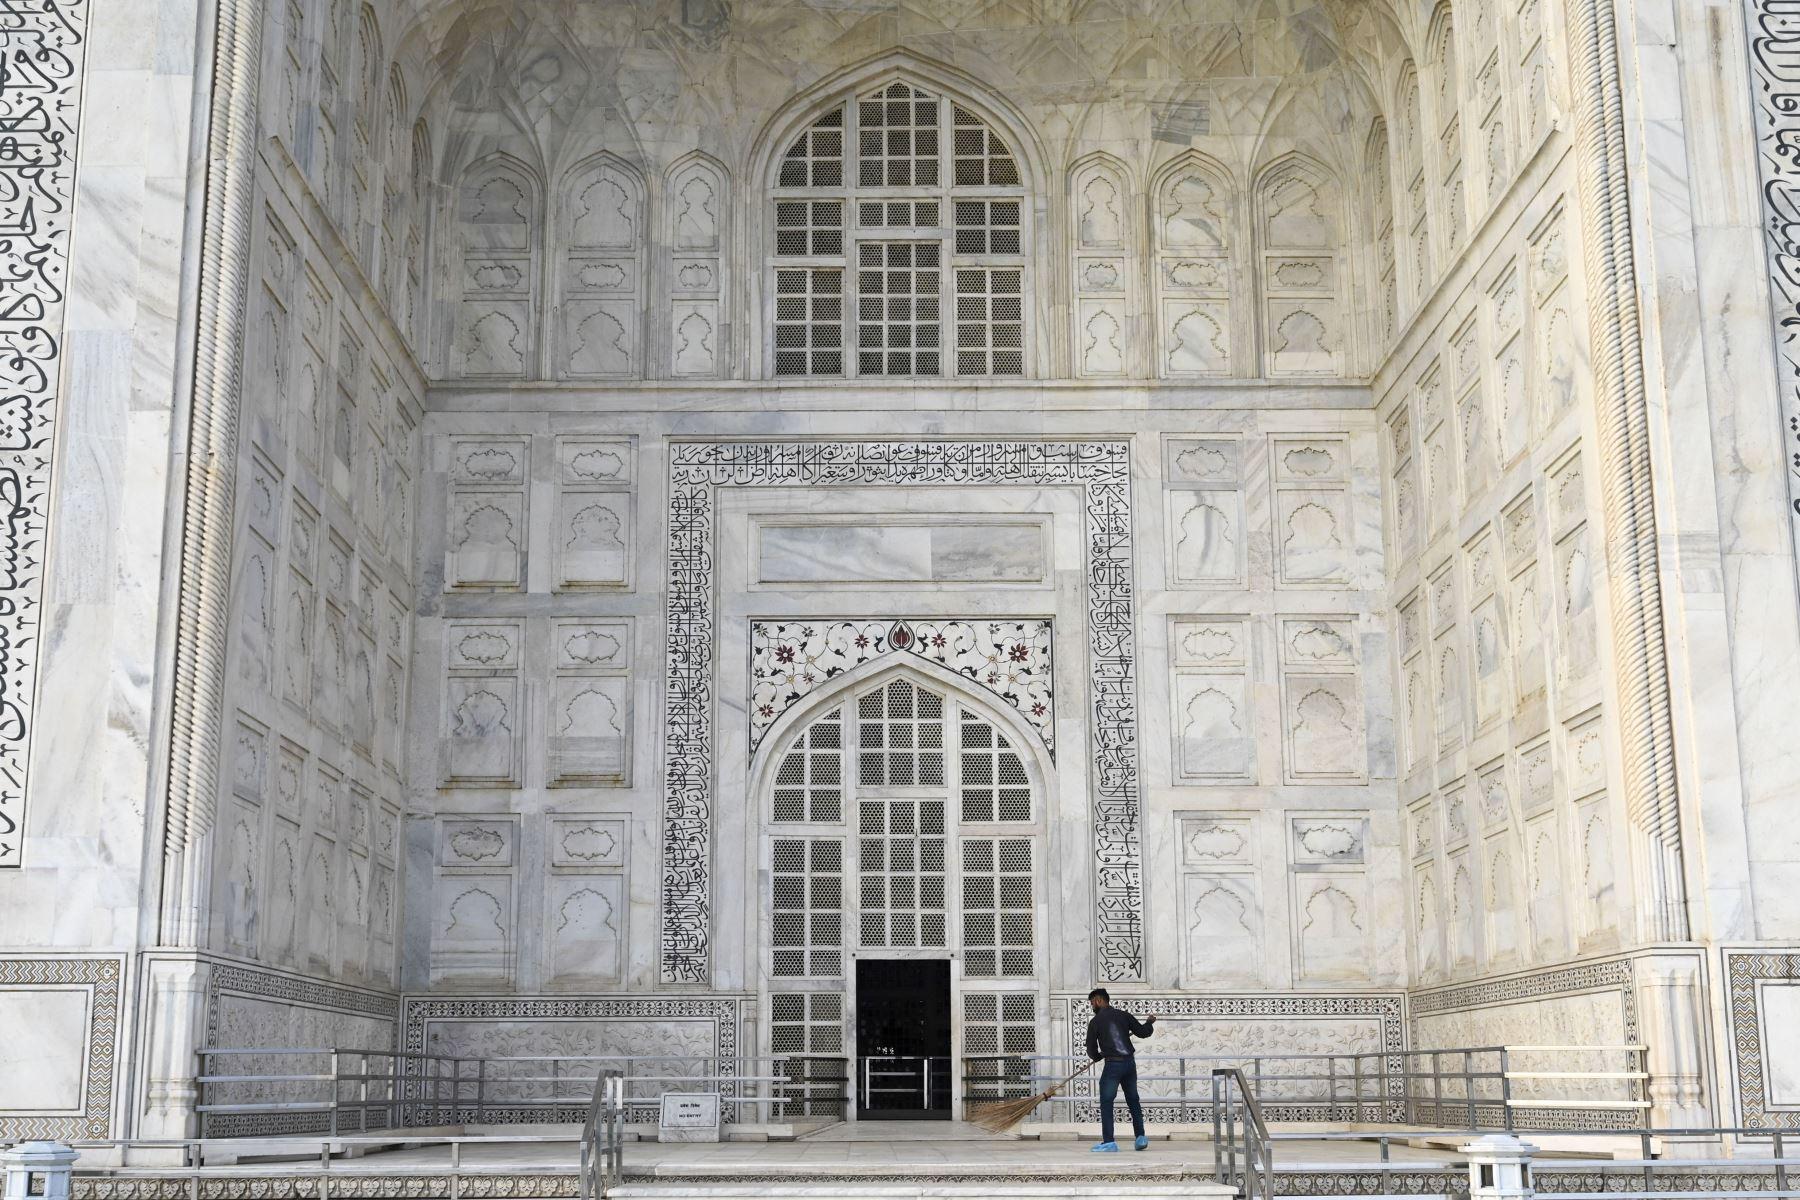 Un trabajador barre frente a una entrada del Taj Mahal después de que reabriera a los visitantes luego de que las autoridades flexibilizaran las restricciones del coronavirus  en Agra. Foto: AFP